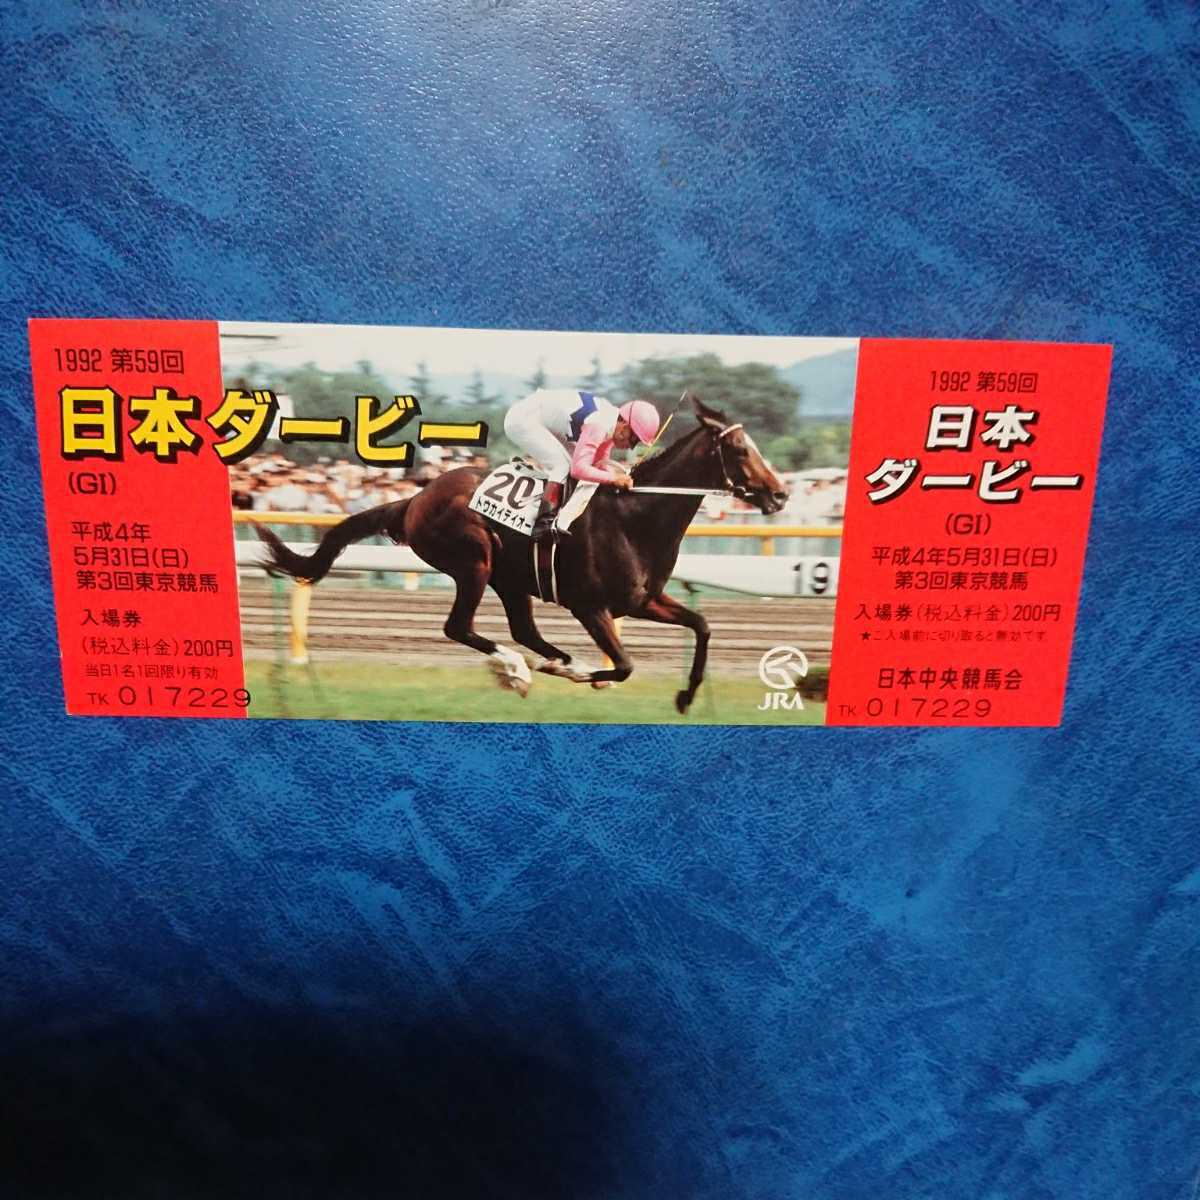 JRA 1992 第59回 日本ダービー 記念入場券 東京競馬場 トウカイテイオー 安田騎手 デザイン 送料込み